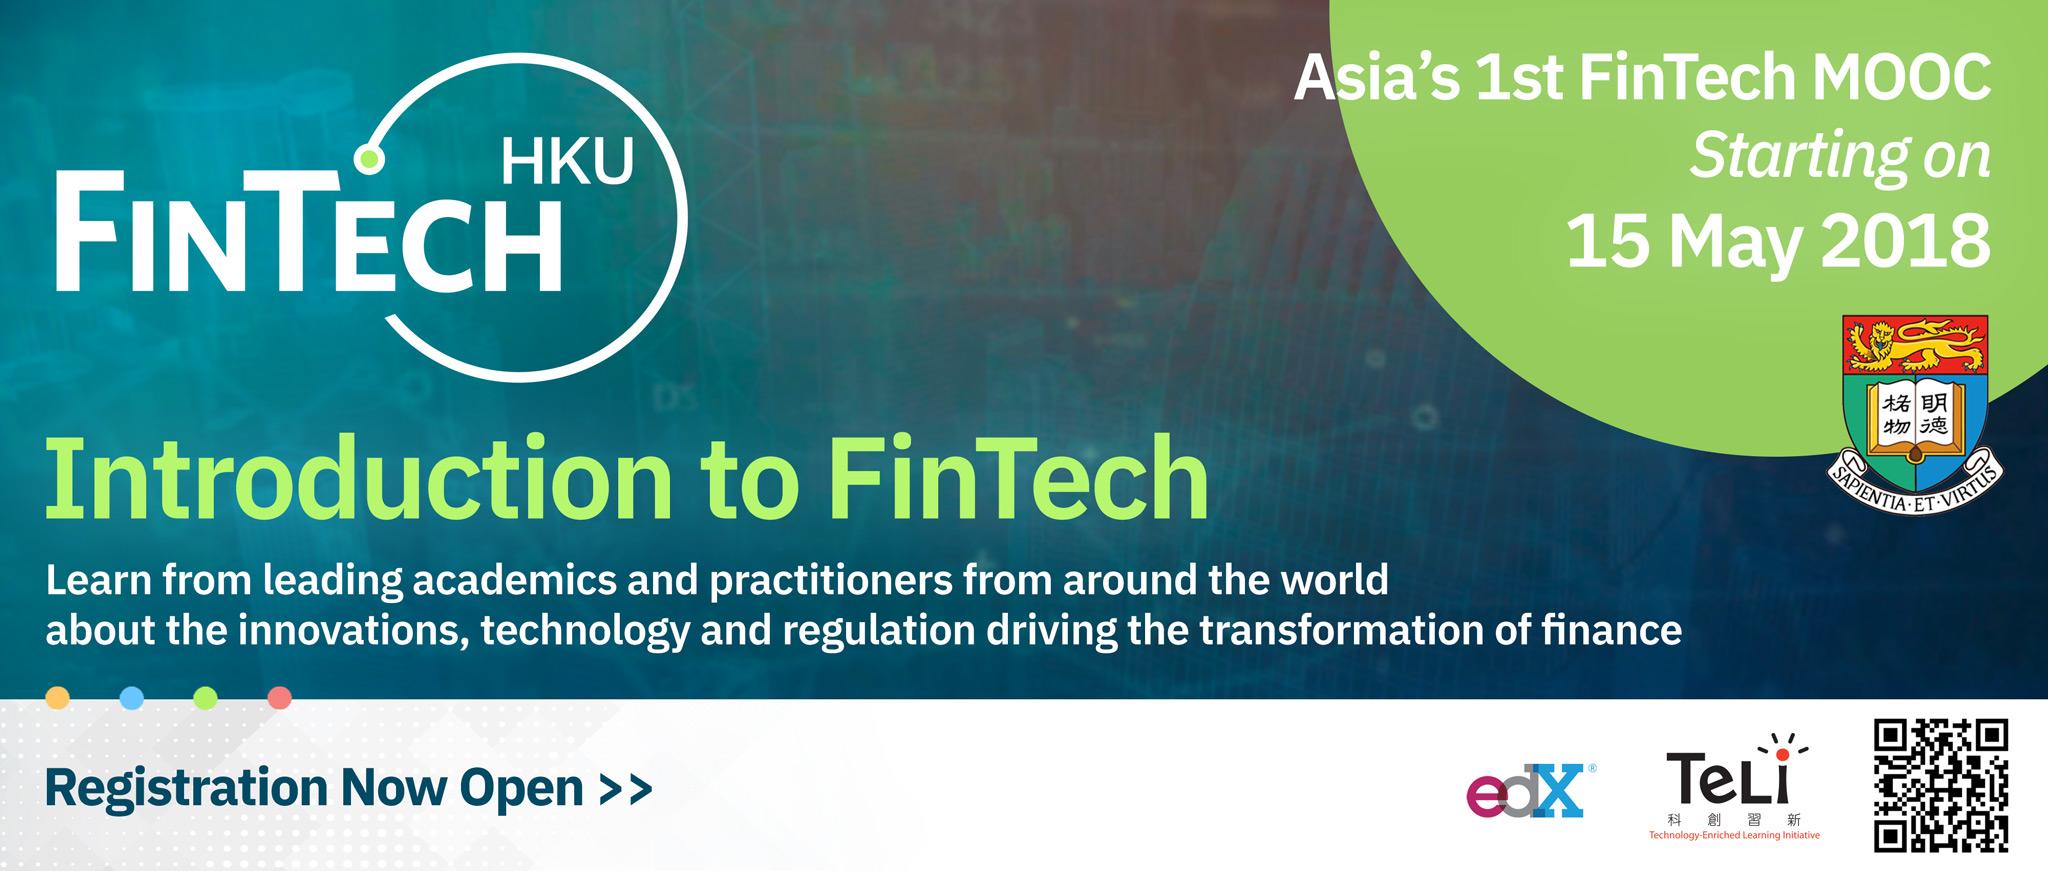 HKU FinTech